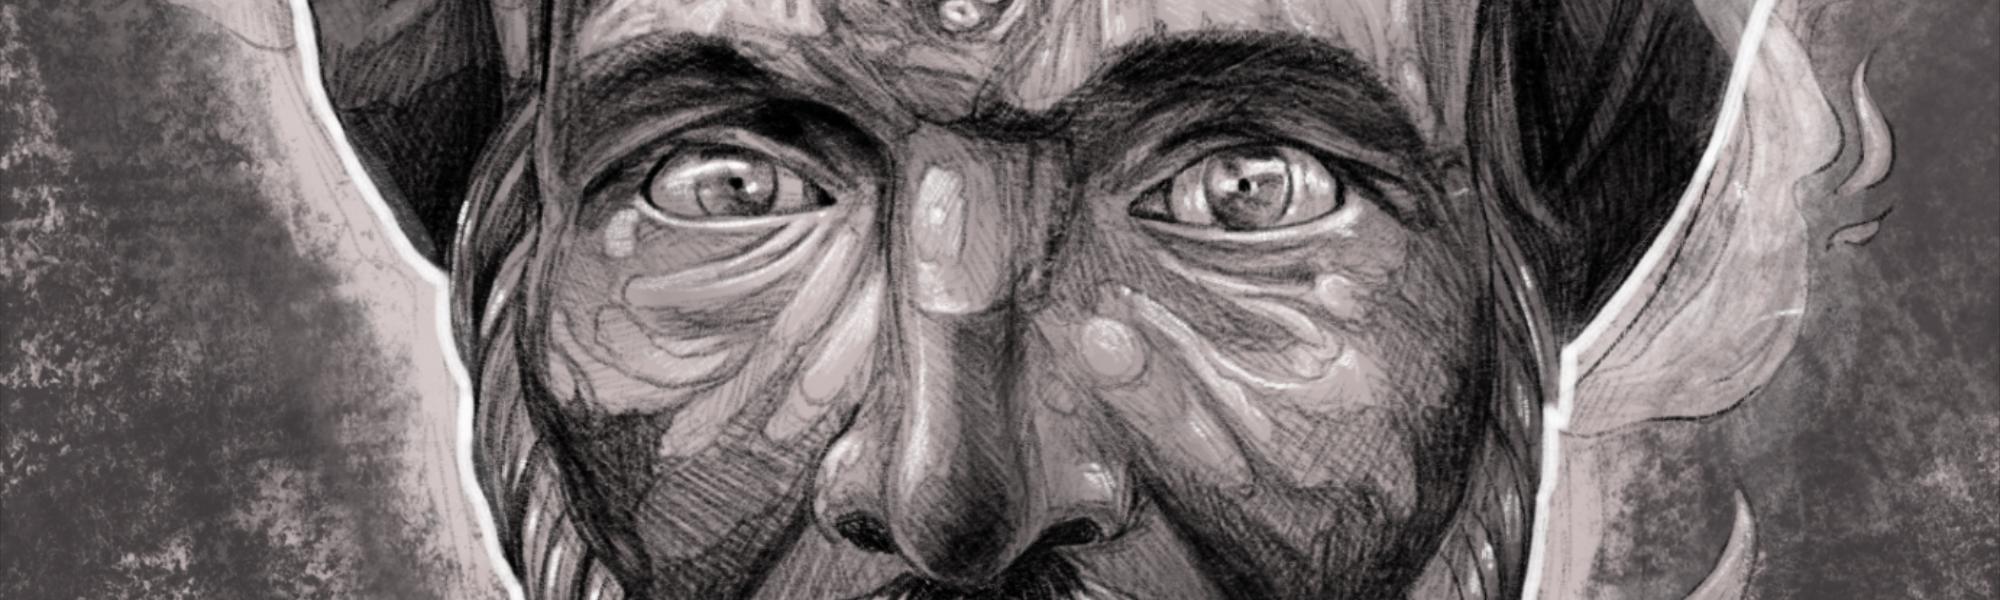 Digital Custom Illustration